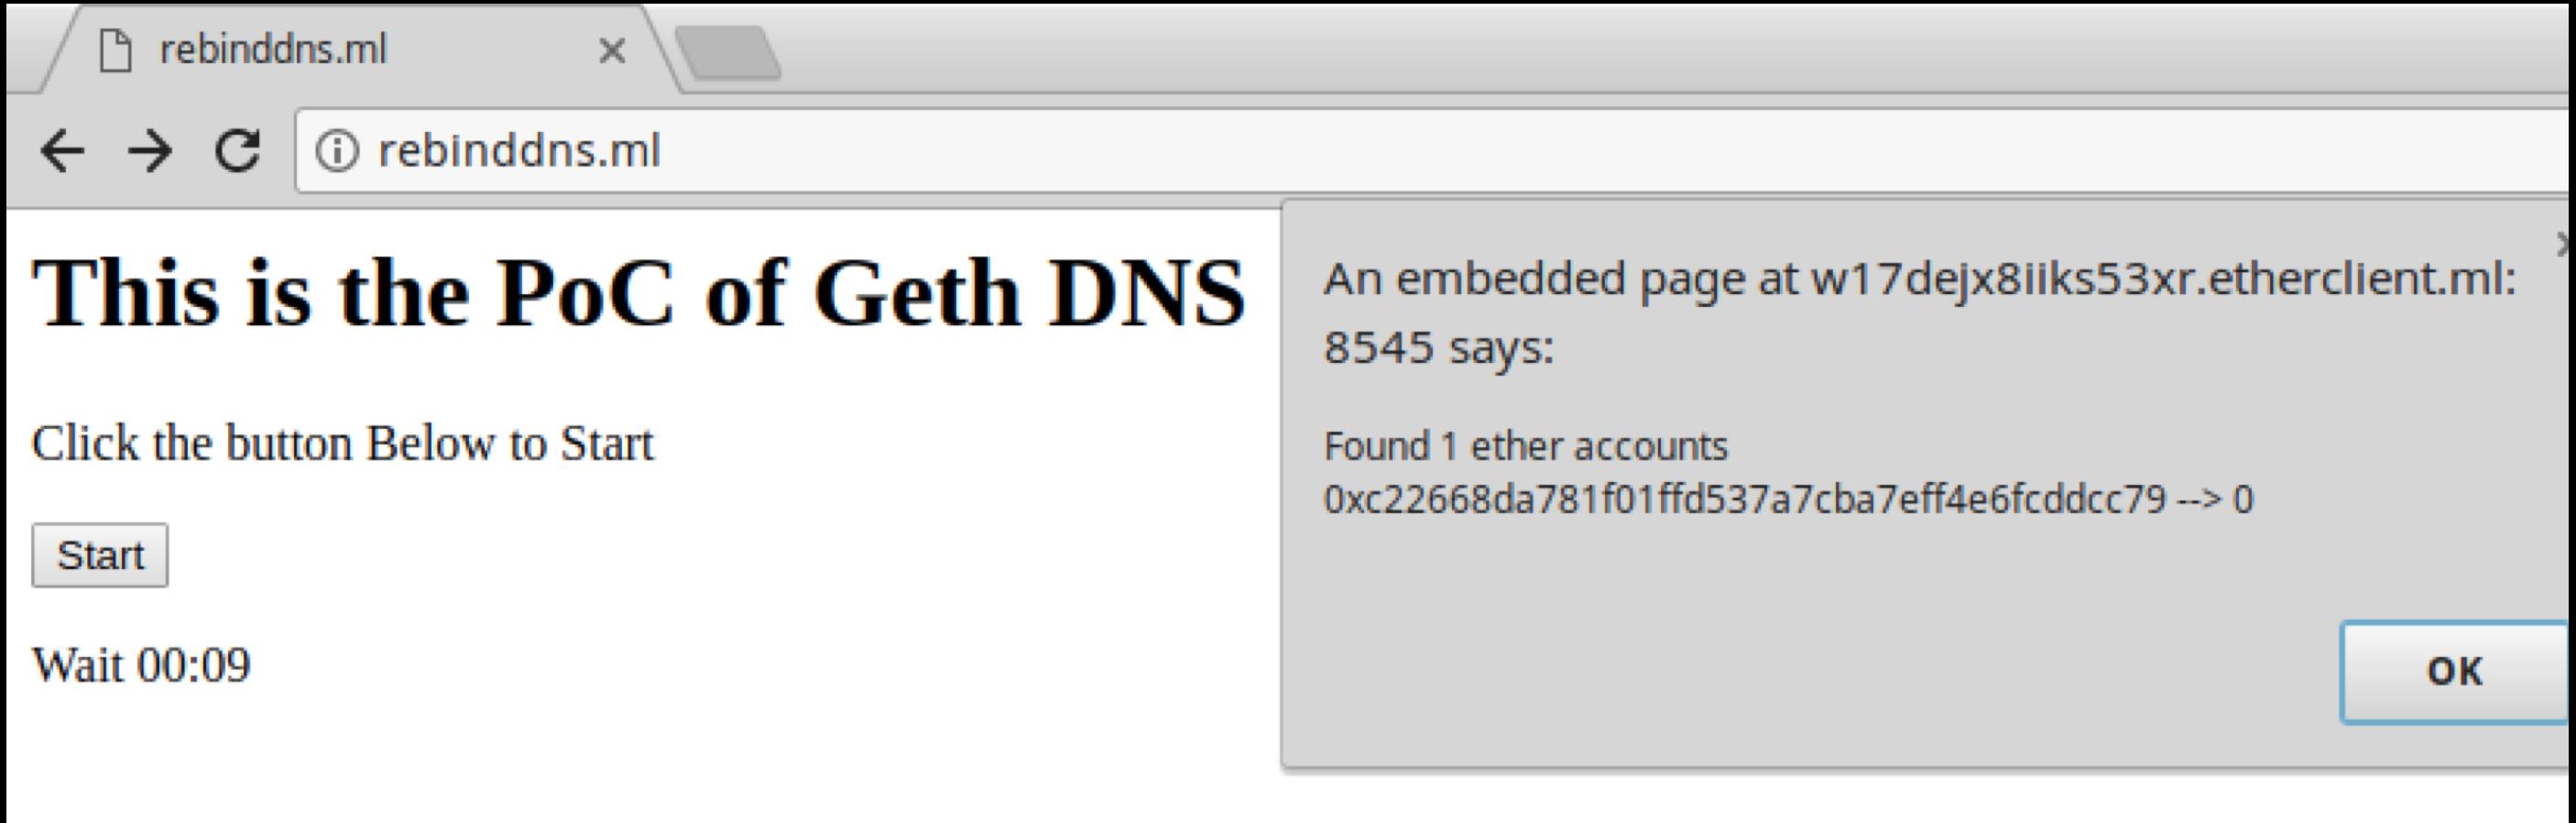 DNS rebinding в 2k19, или как по-настоящему вспотеть, посетив порносайт - 18